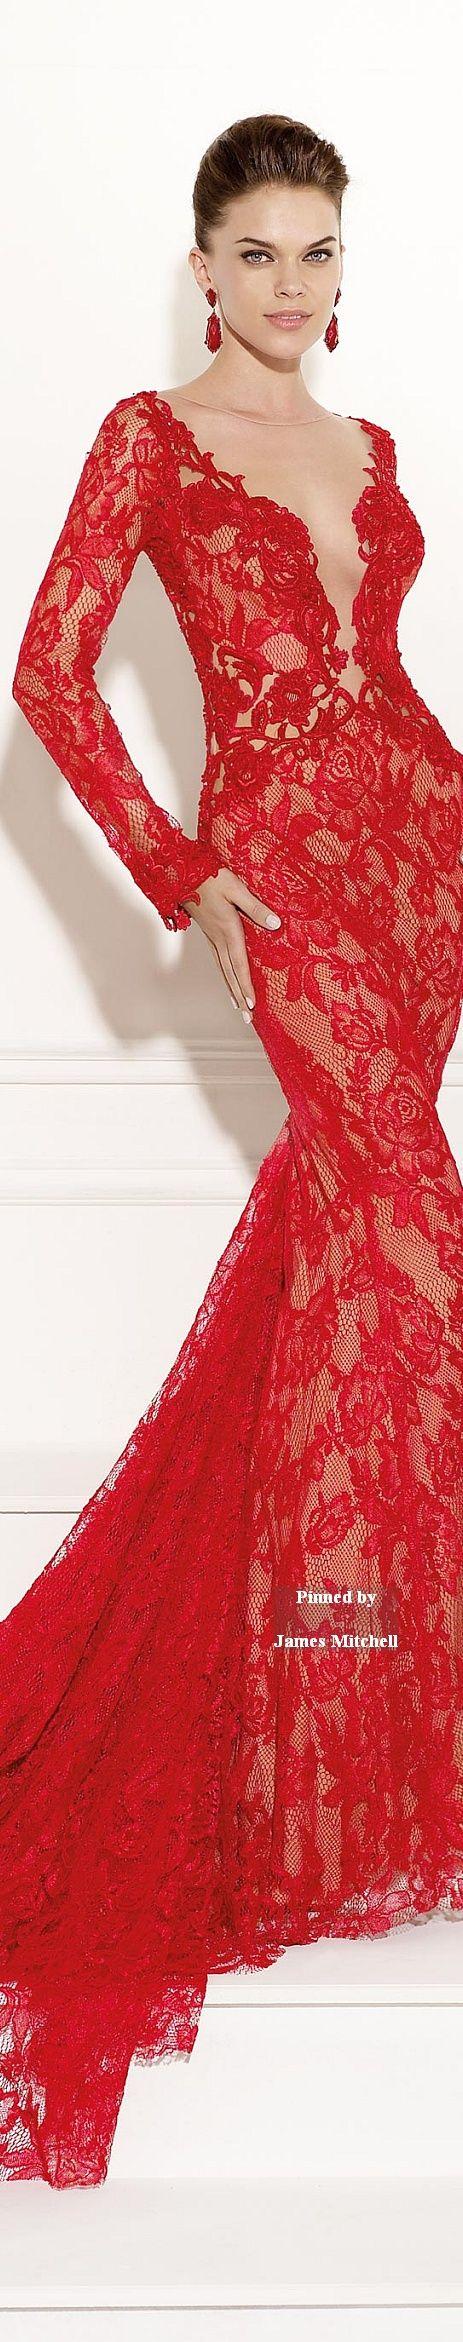 715 besten Tarik Ediz Bilder auf Pinterest | Abendkleid, Schöne ...